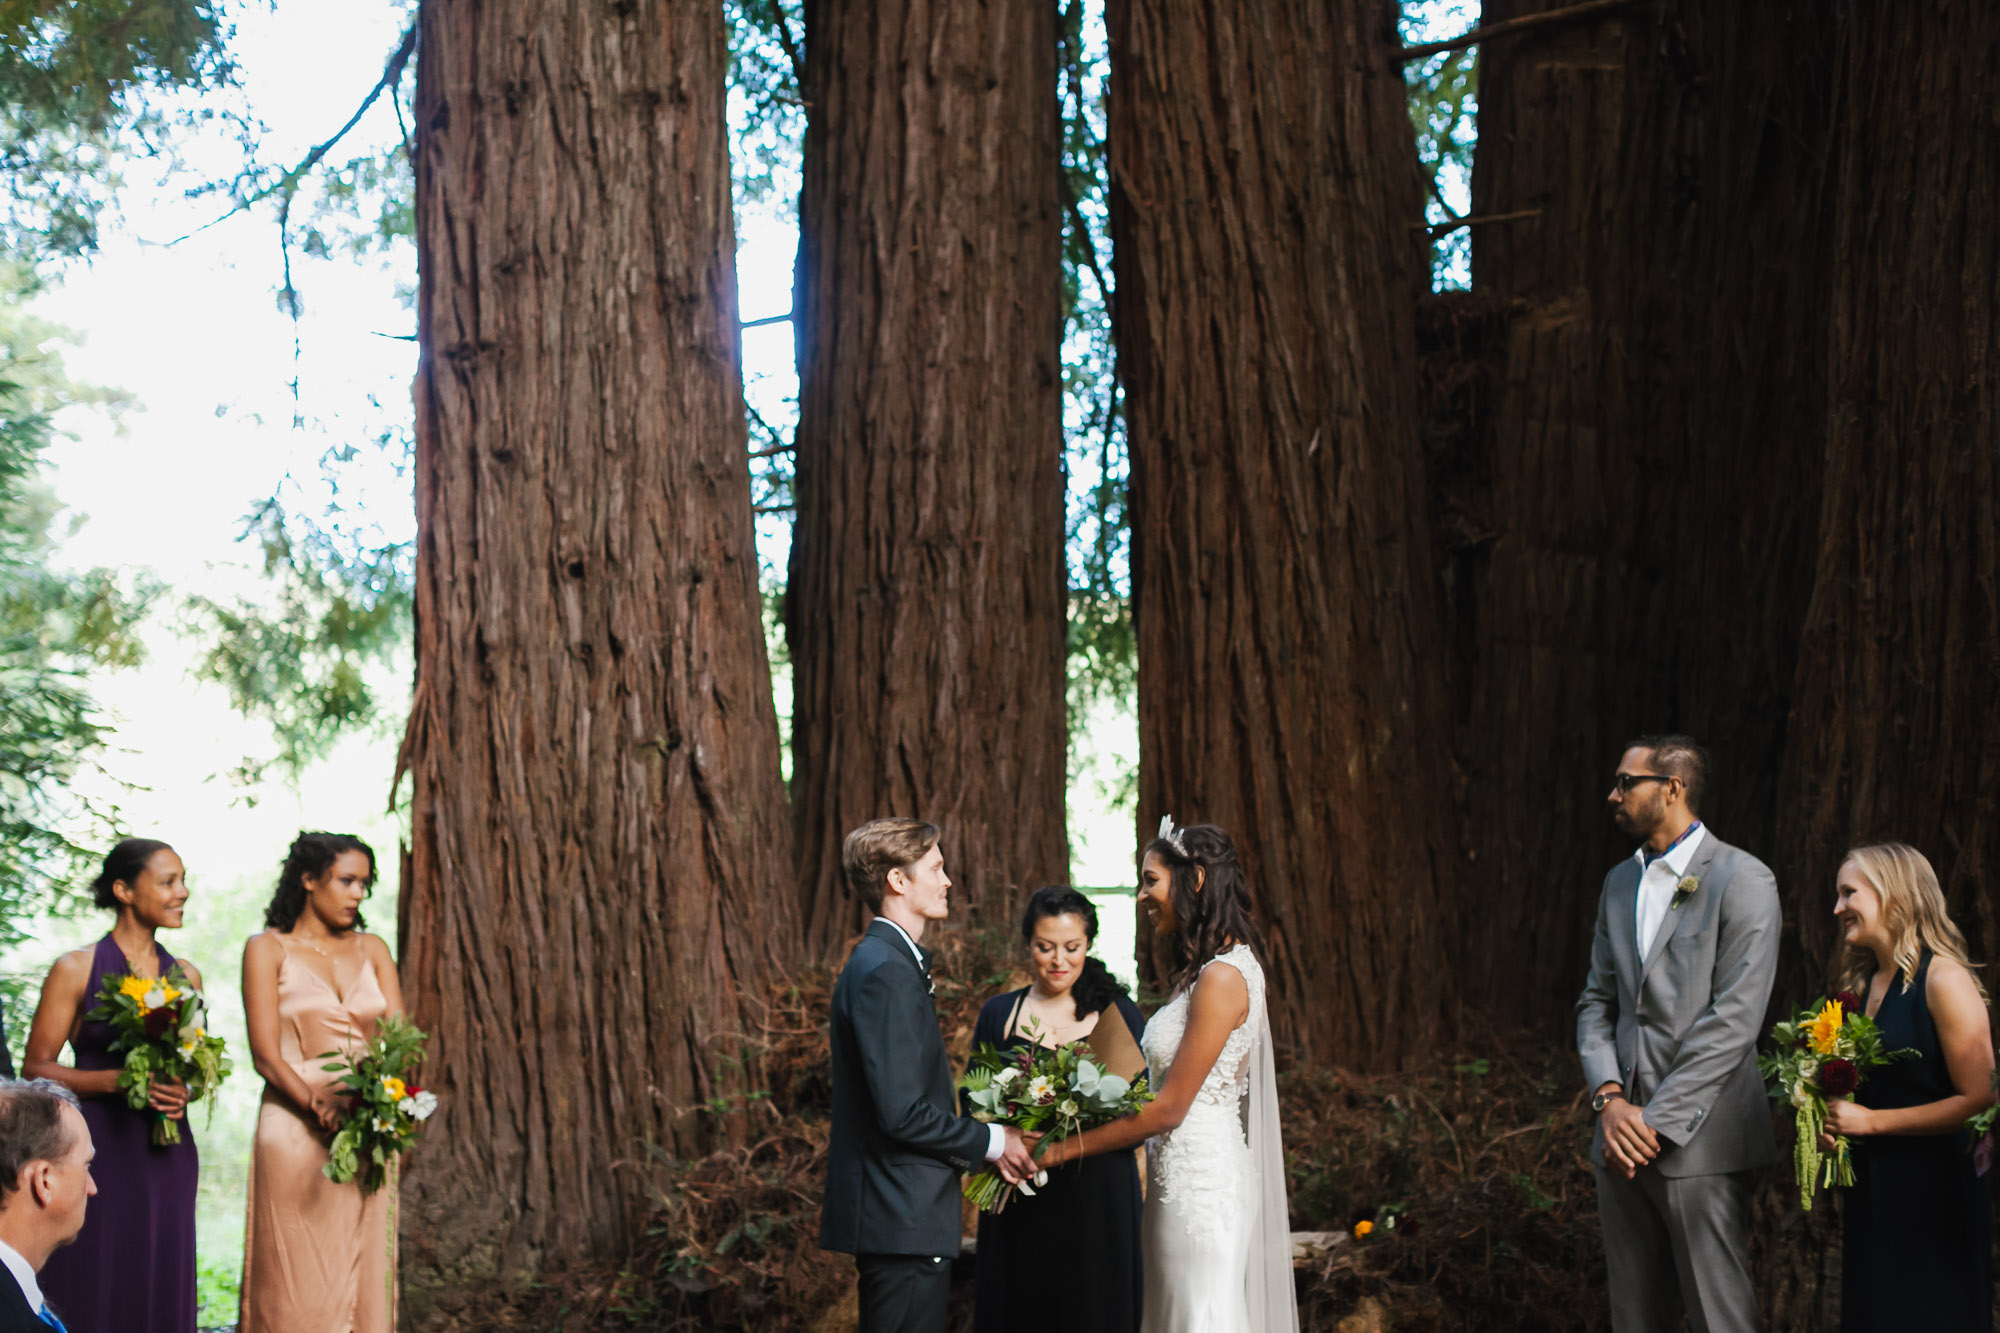 Wedding ceremony under giant redwood trees